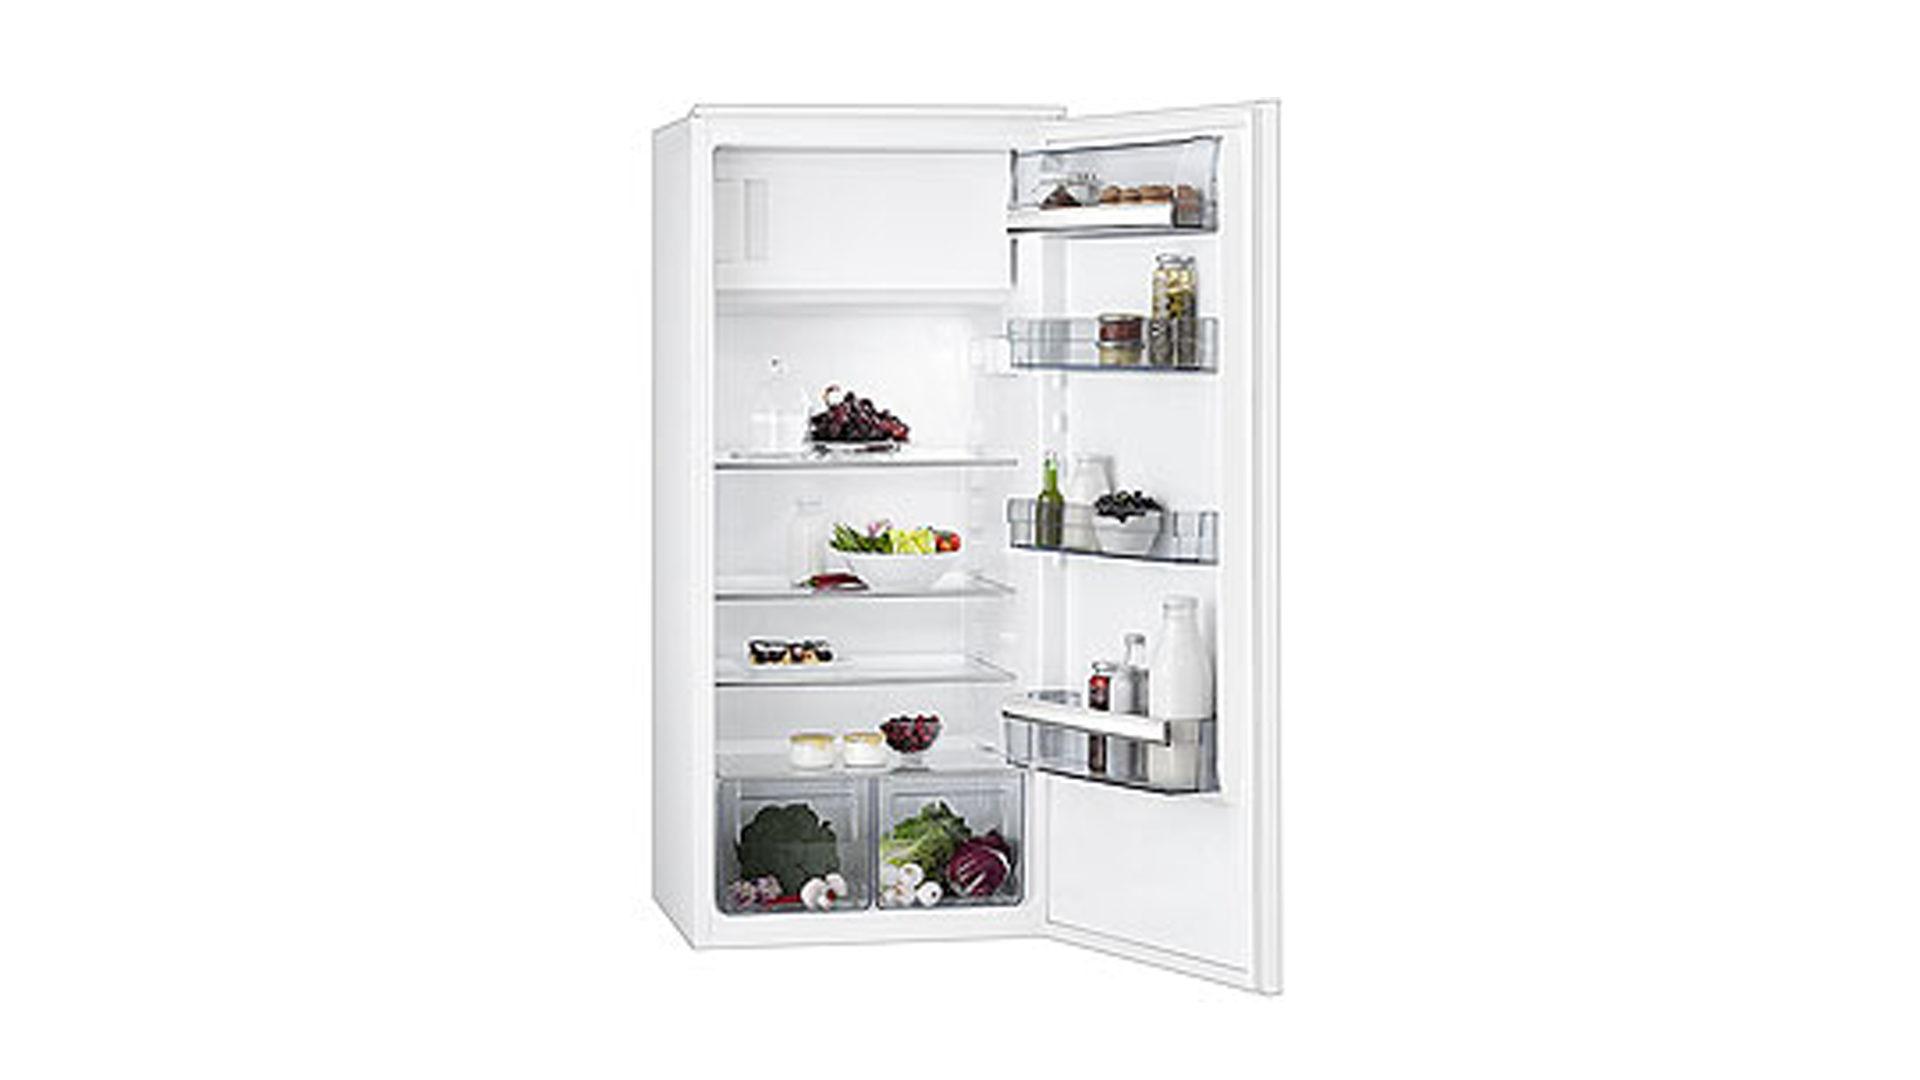 Aeg Kühlschrank Mit Gefrierschrank : Wohnland breitwieser markenshops kühlschränke aeg aeg